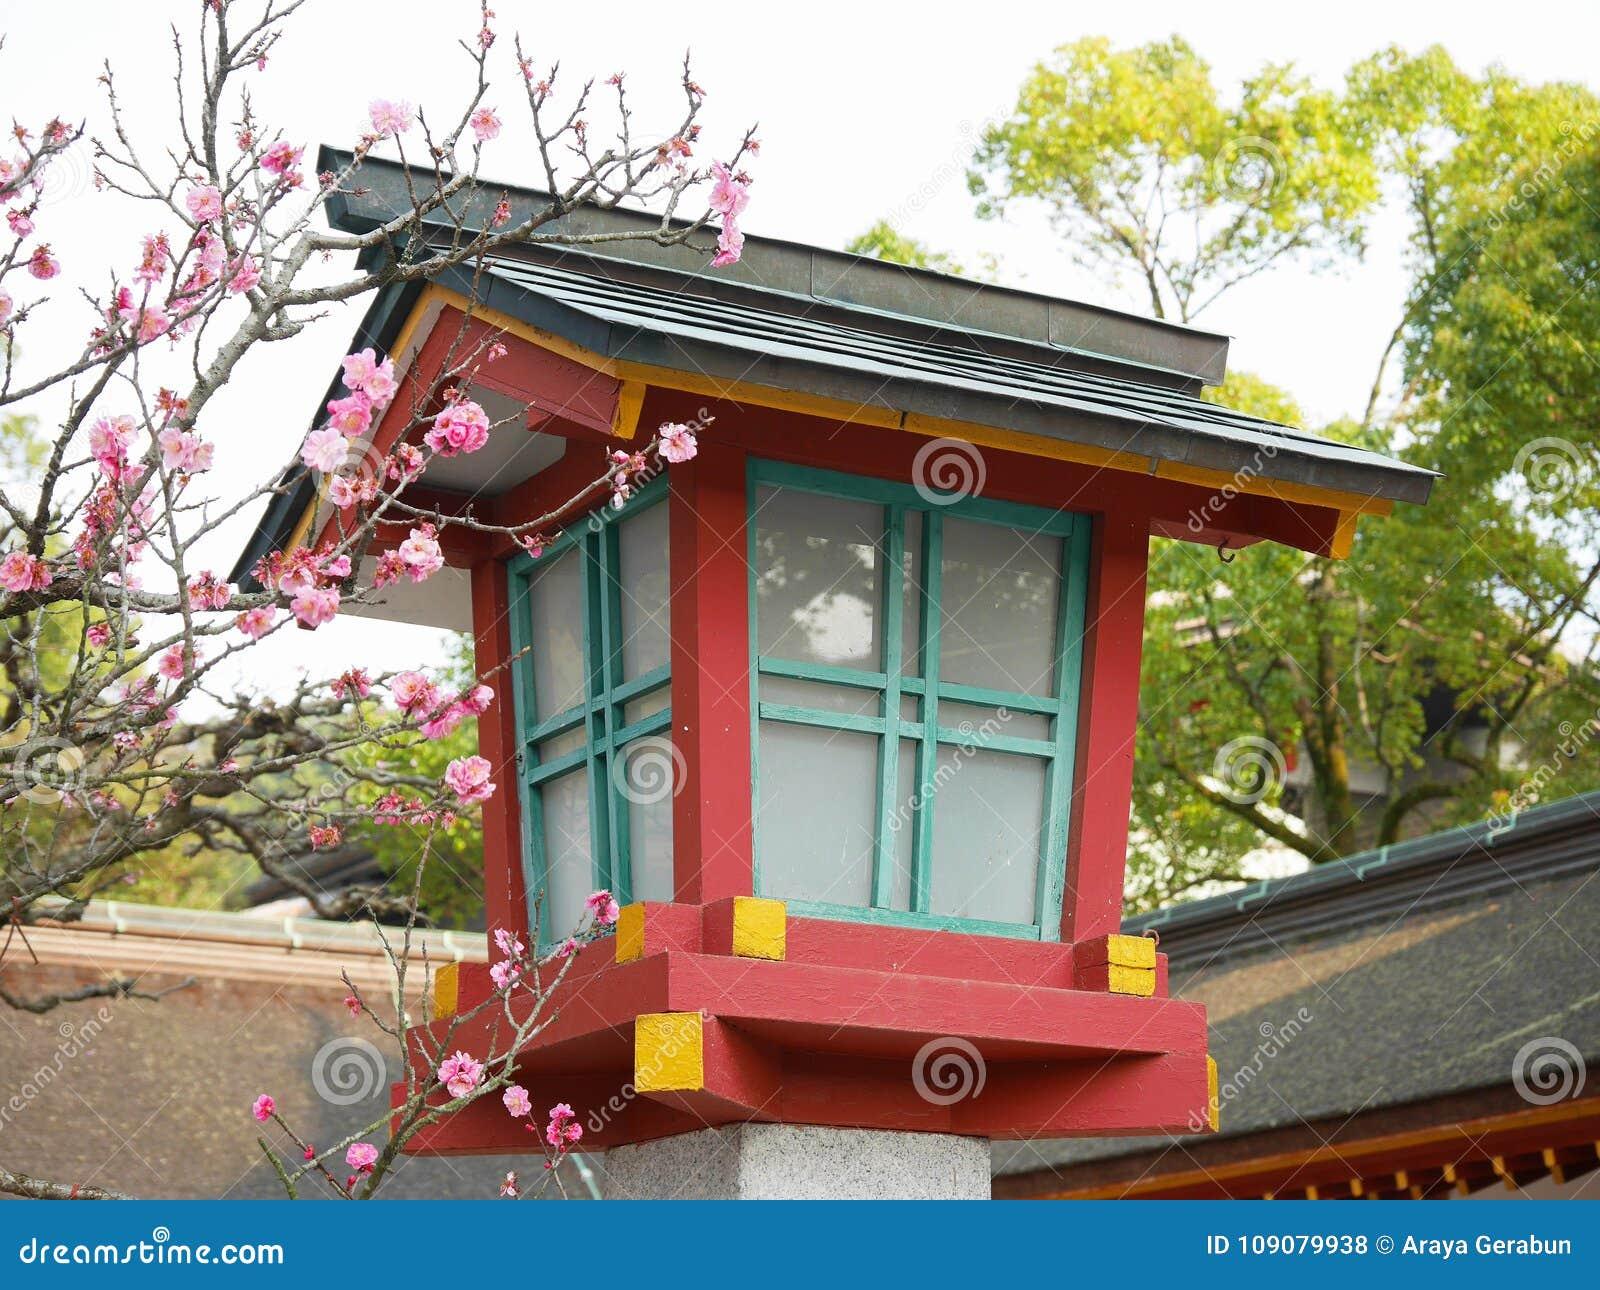 La Lanterne Japonaise En Bois Coloree De Tombeau Avec La Prune Assez